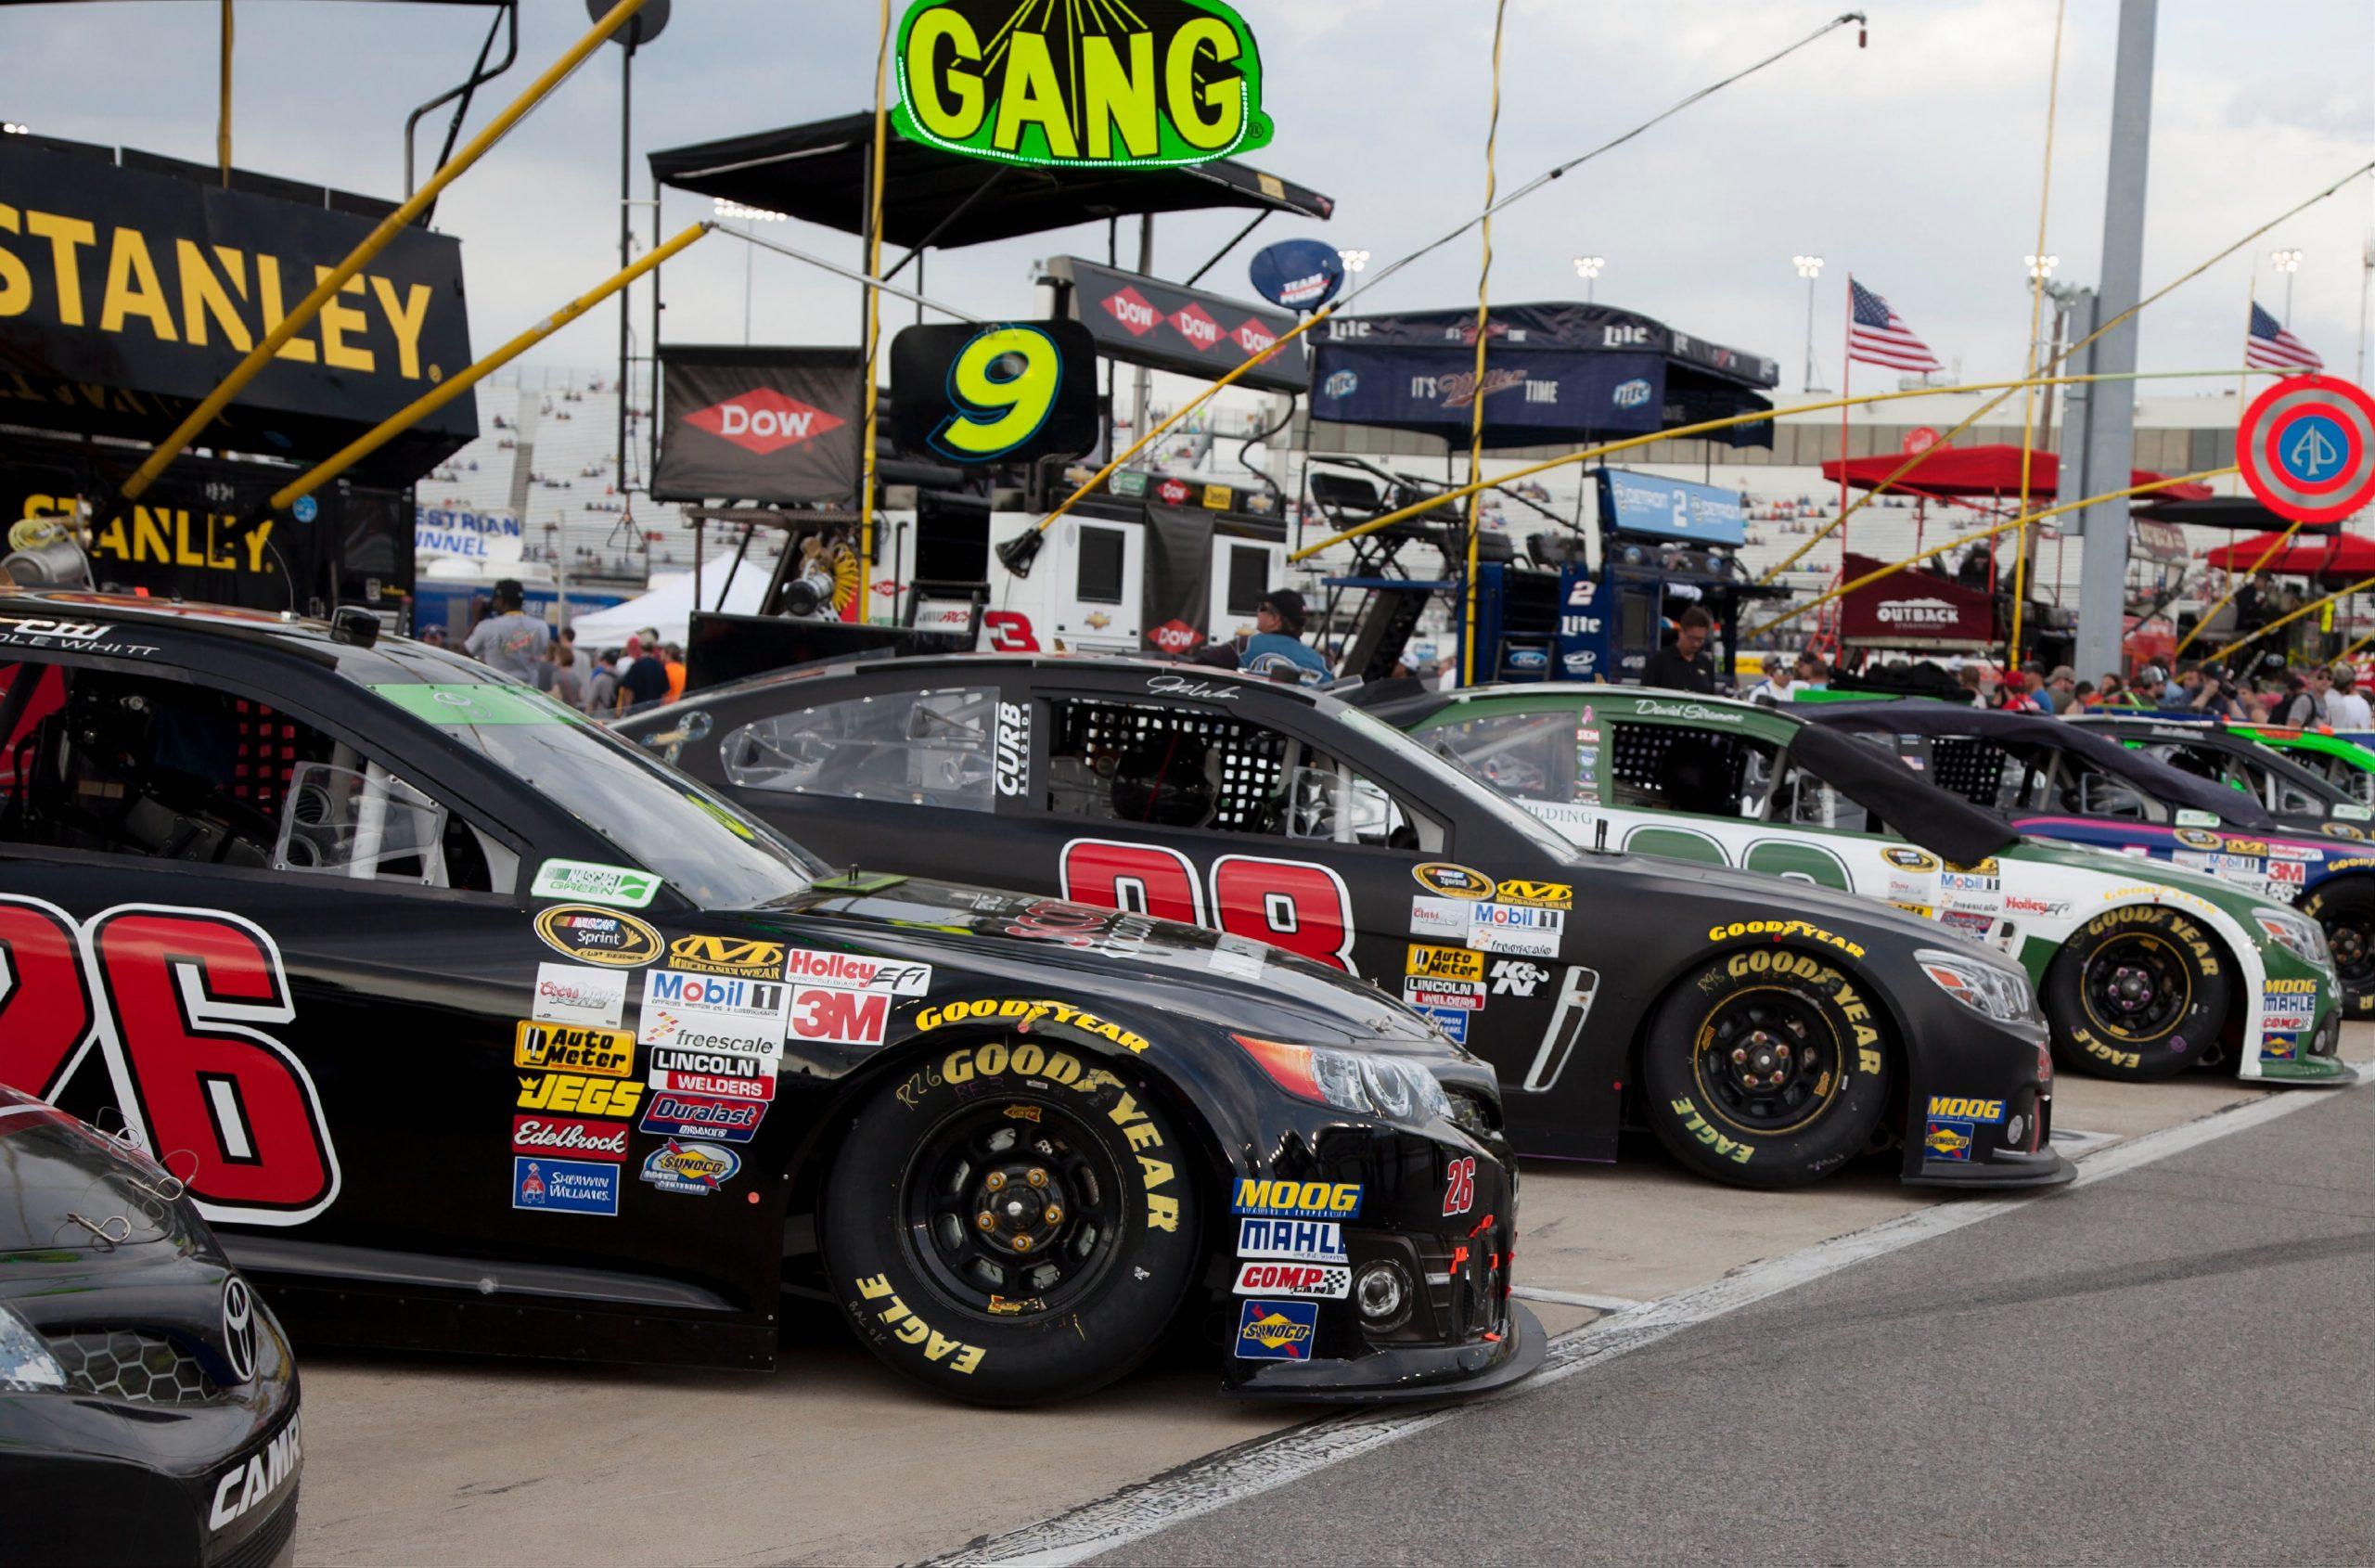 2021. Wyścig NASCAR na amerykańskim torze F1